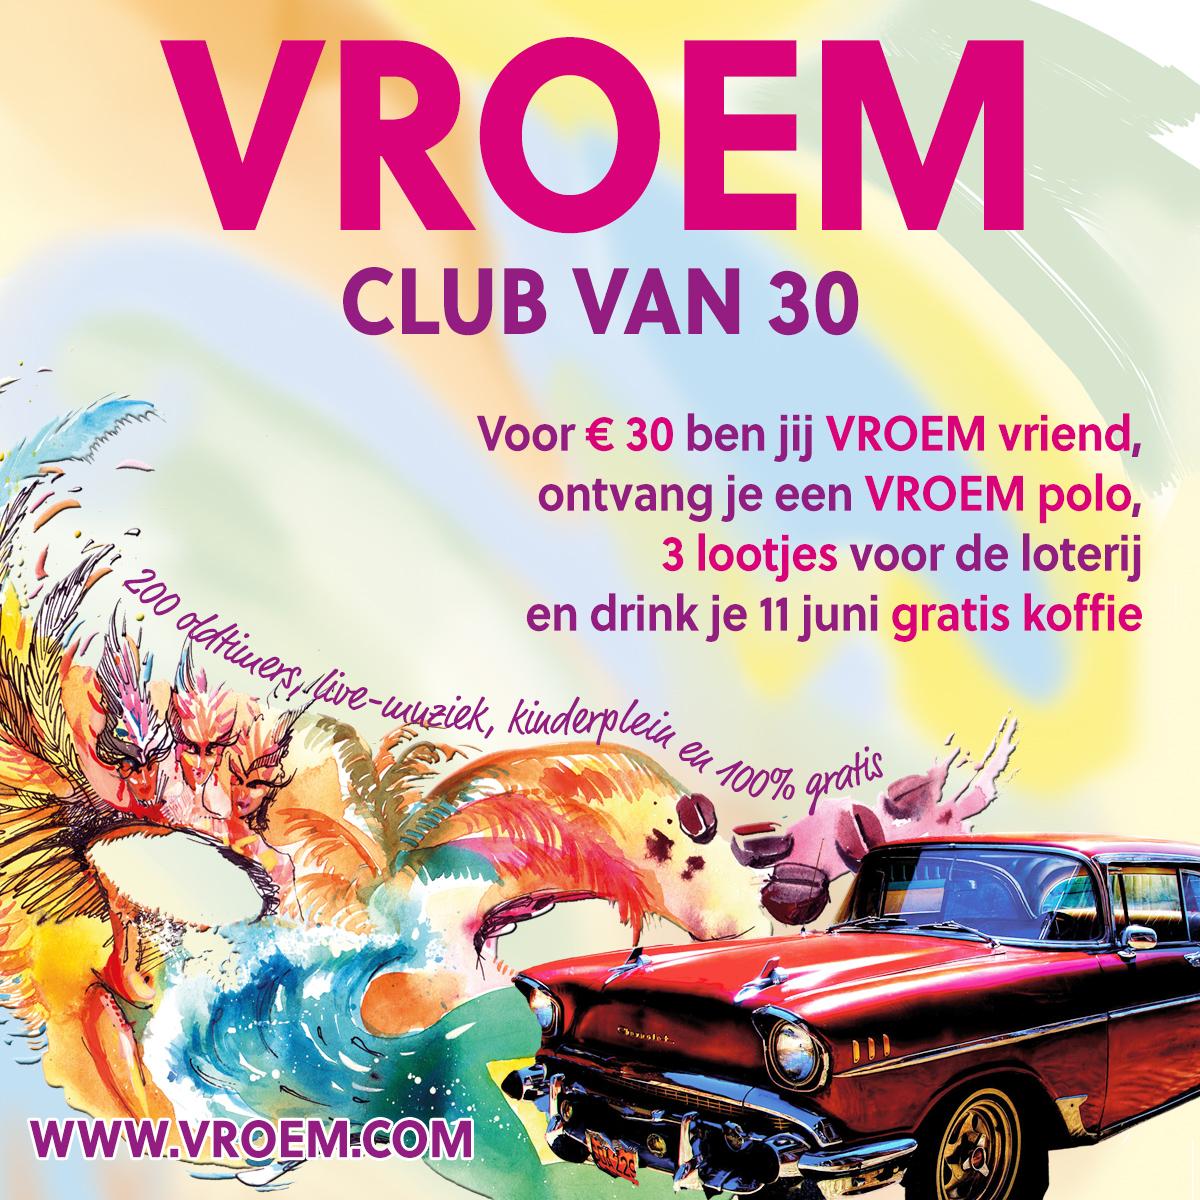 Club van 30